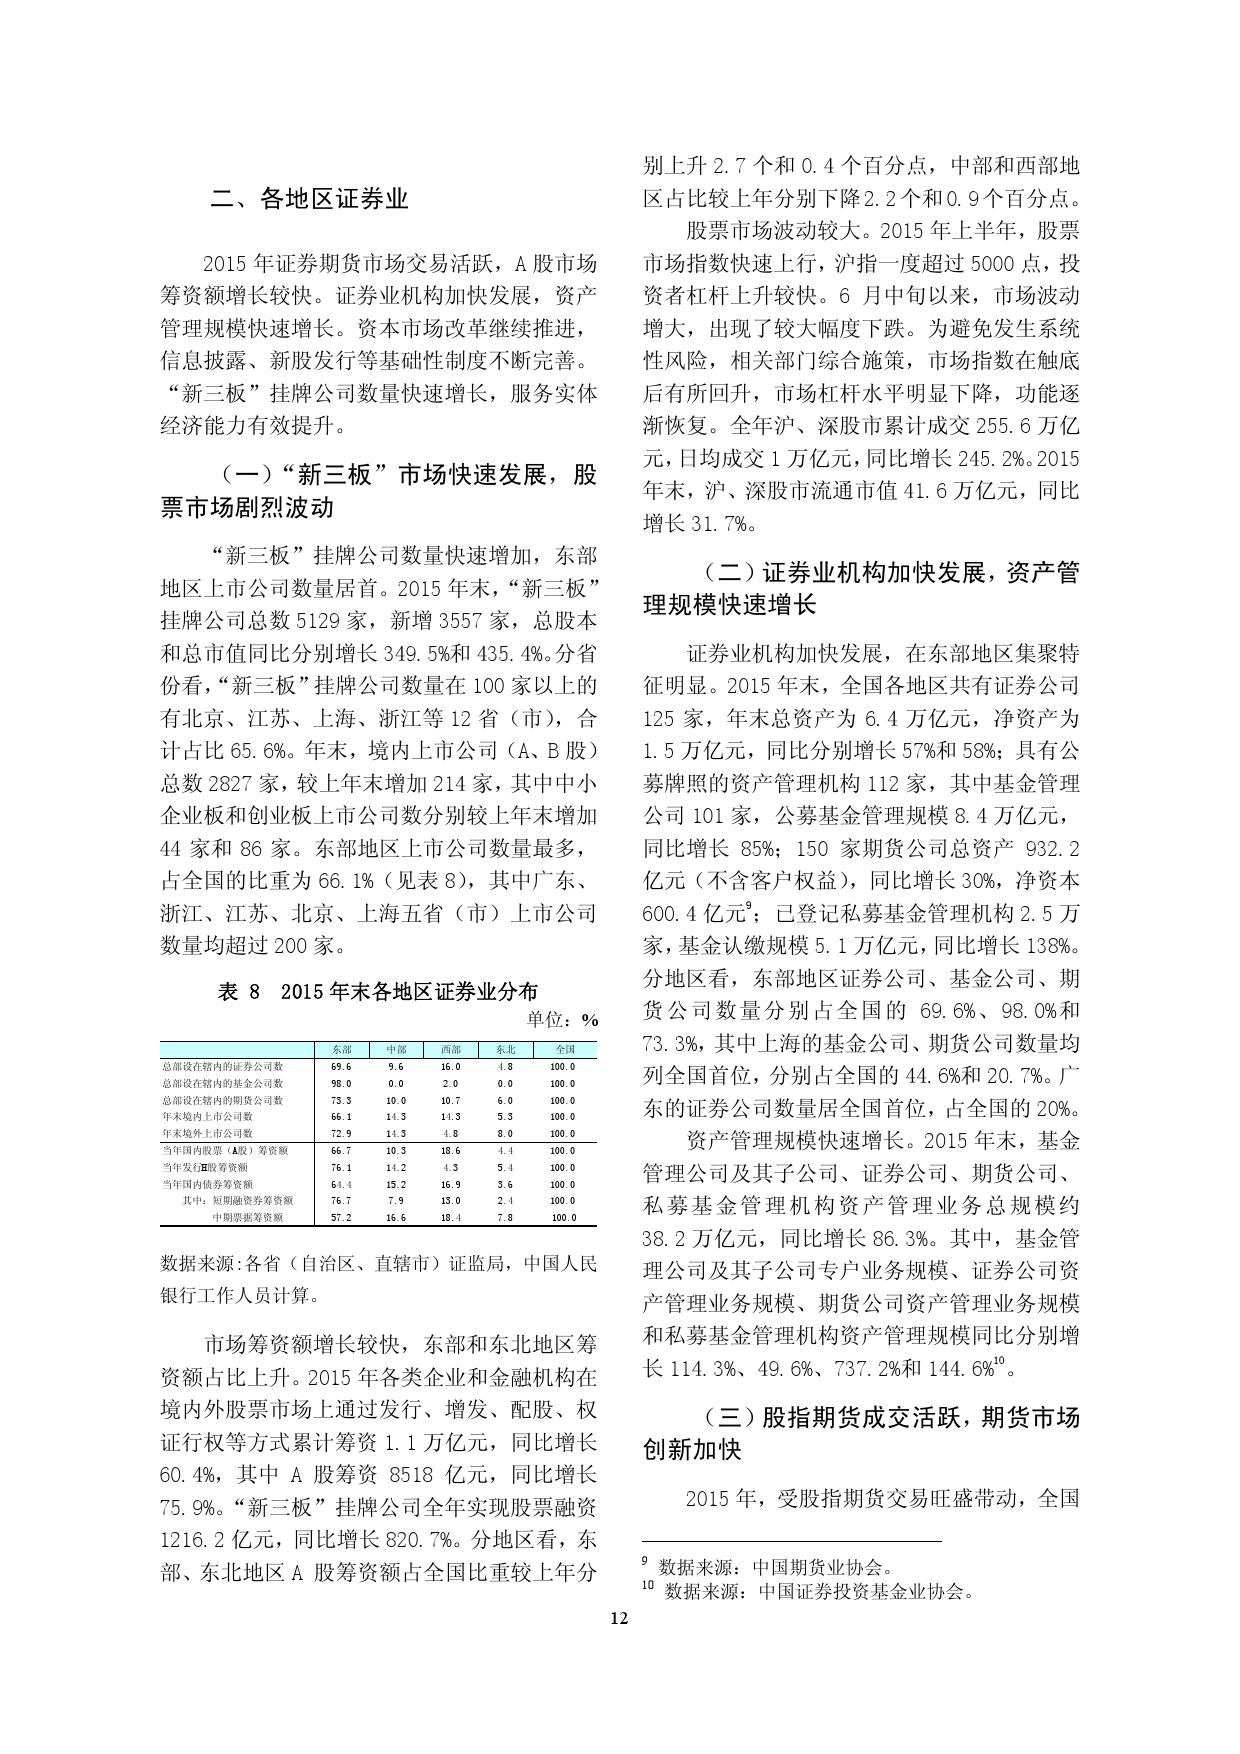 2015年中国区域金融运行报告_000015